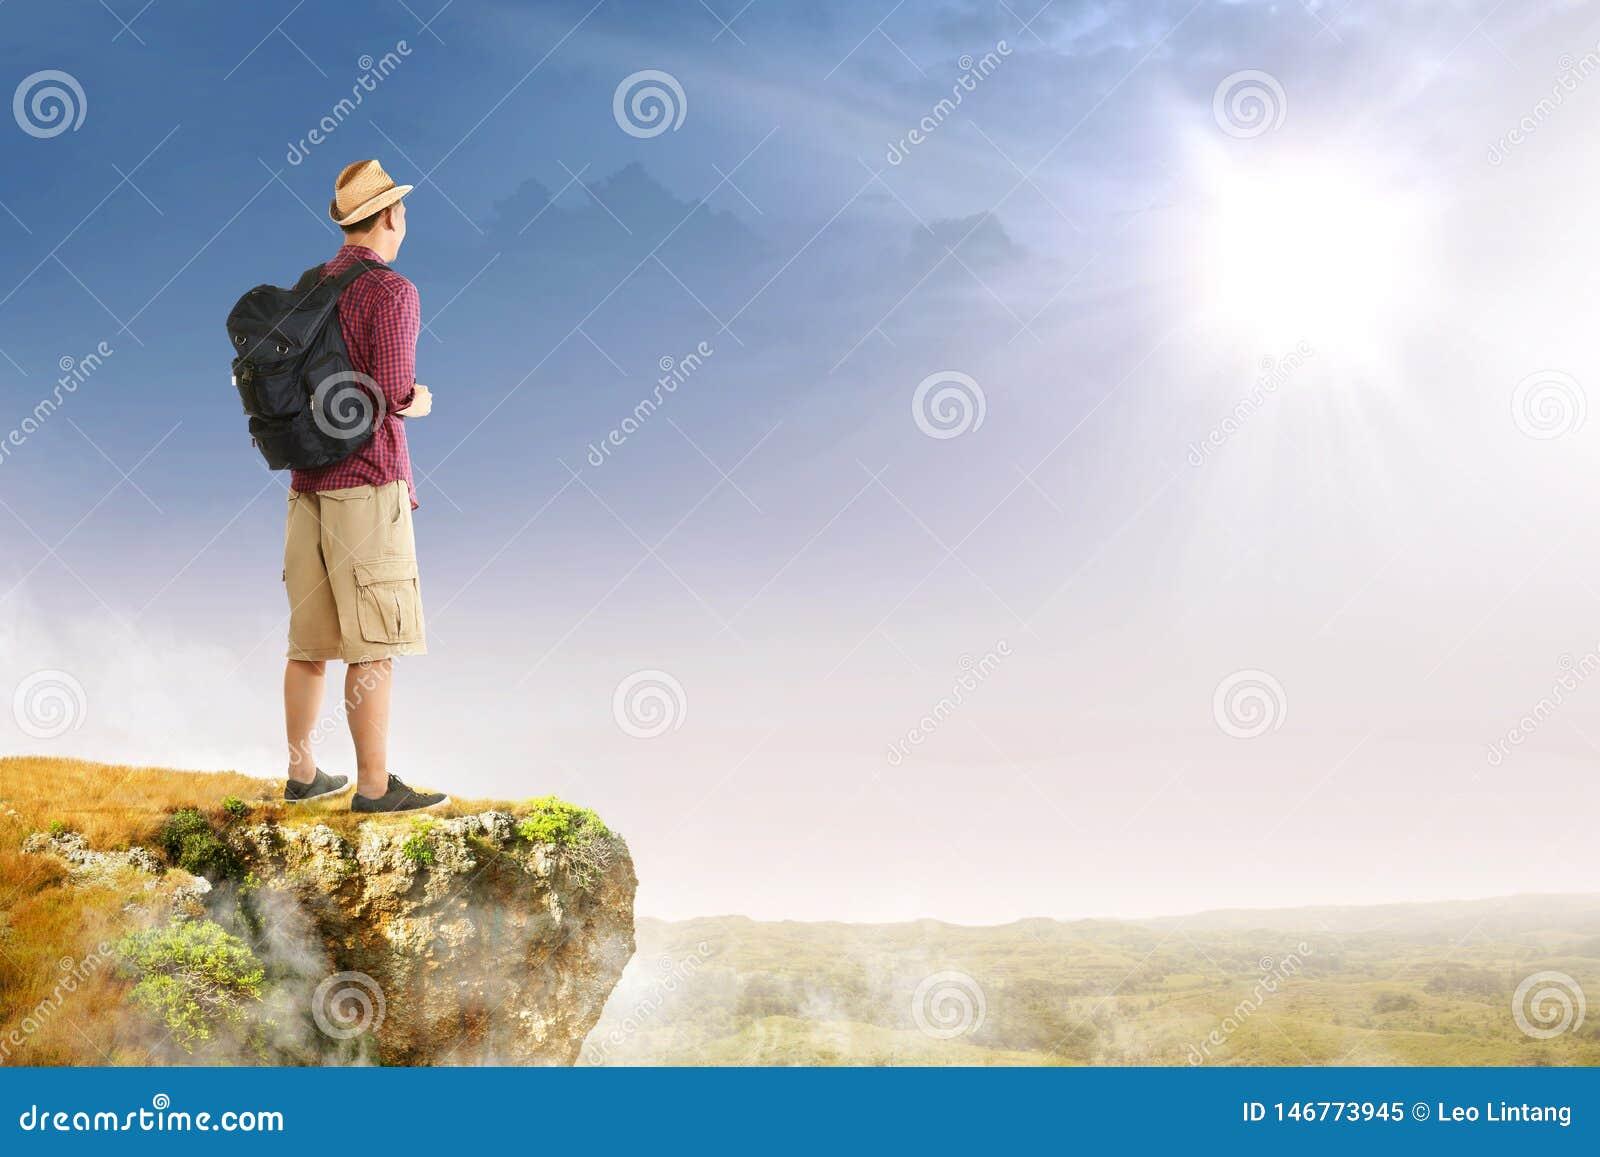 Achtermening van de Aziatische reizigersmens met hoed en rugzak die zich op de rand van klip bevinden die landschappen bekijken